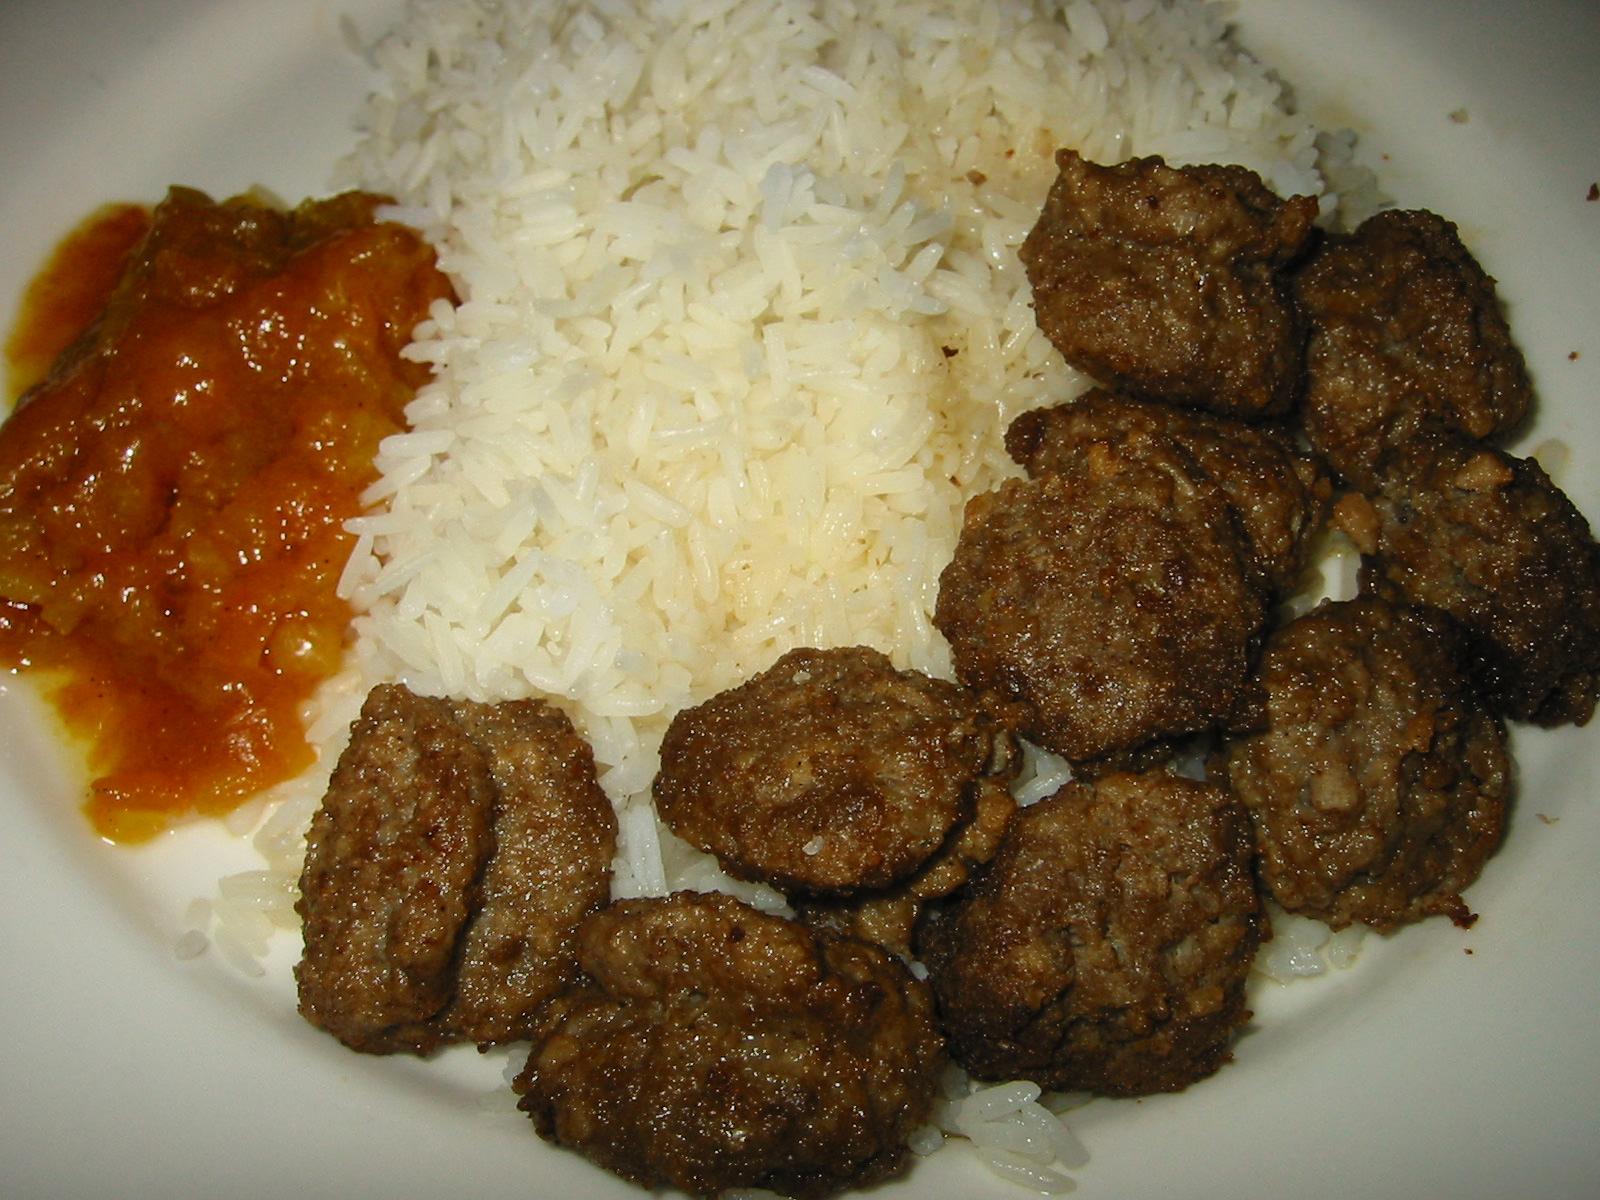 IKEA Swedish meatballs, tomato relish and rice